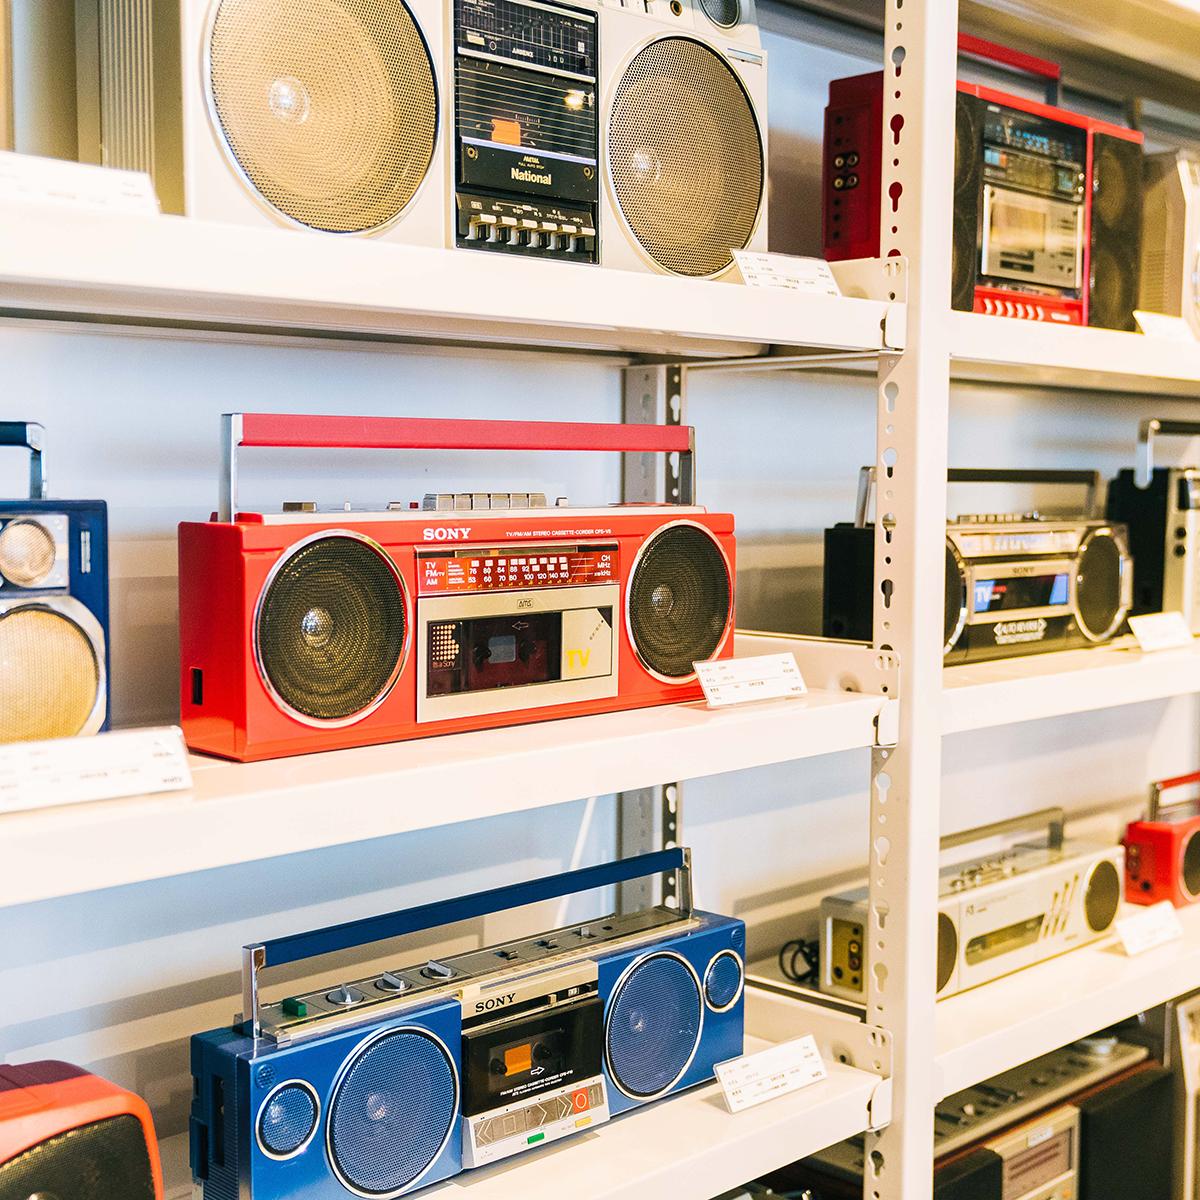 カセットテープ専門店 waltzでは、ラジカセも販売されている